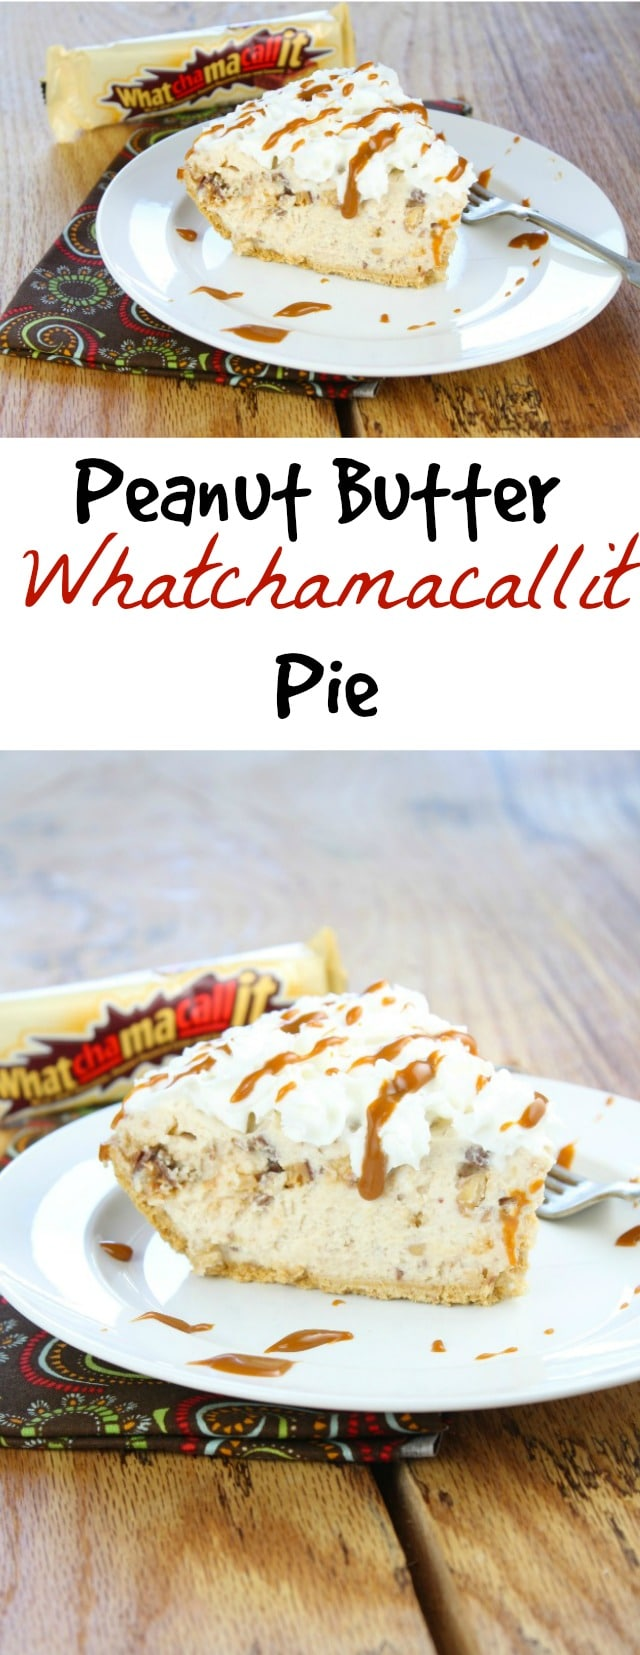 Peanut Butter Whatchamacallit Pie missinthekitchen.com